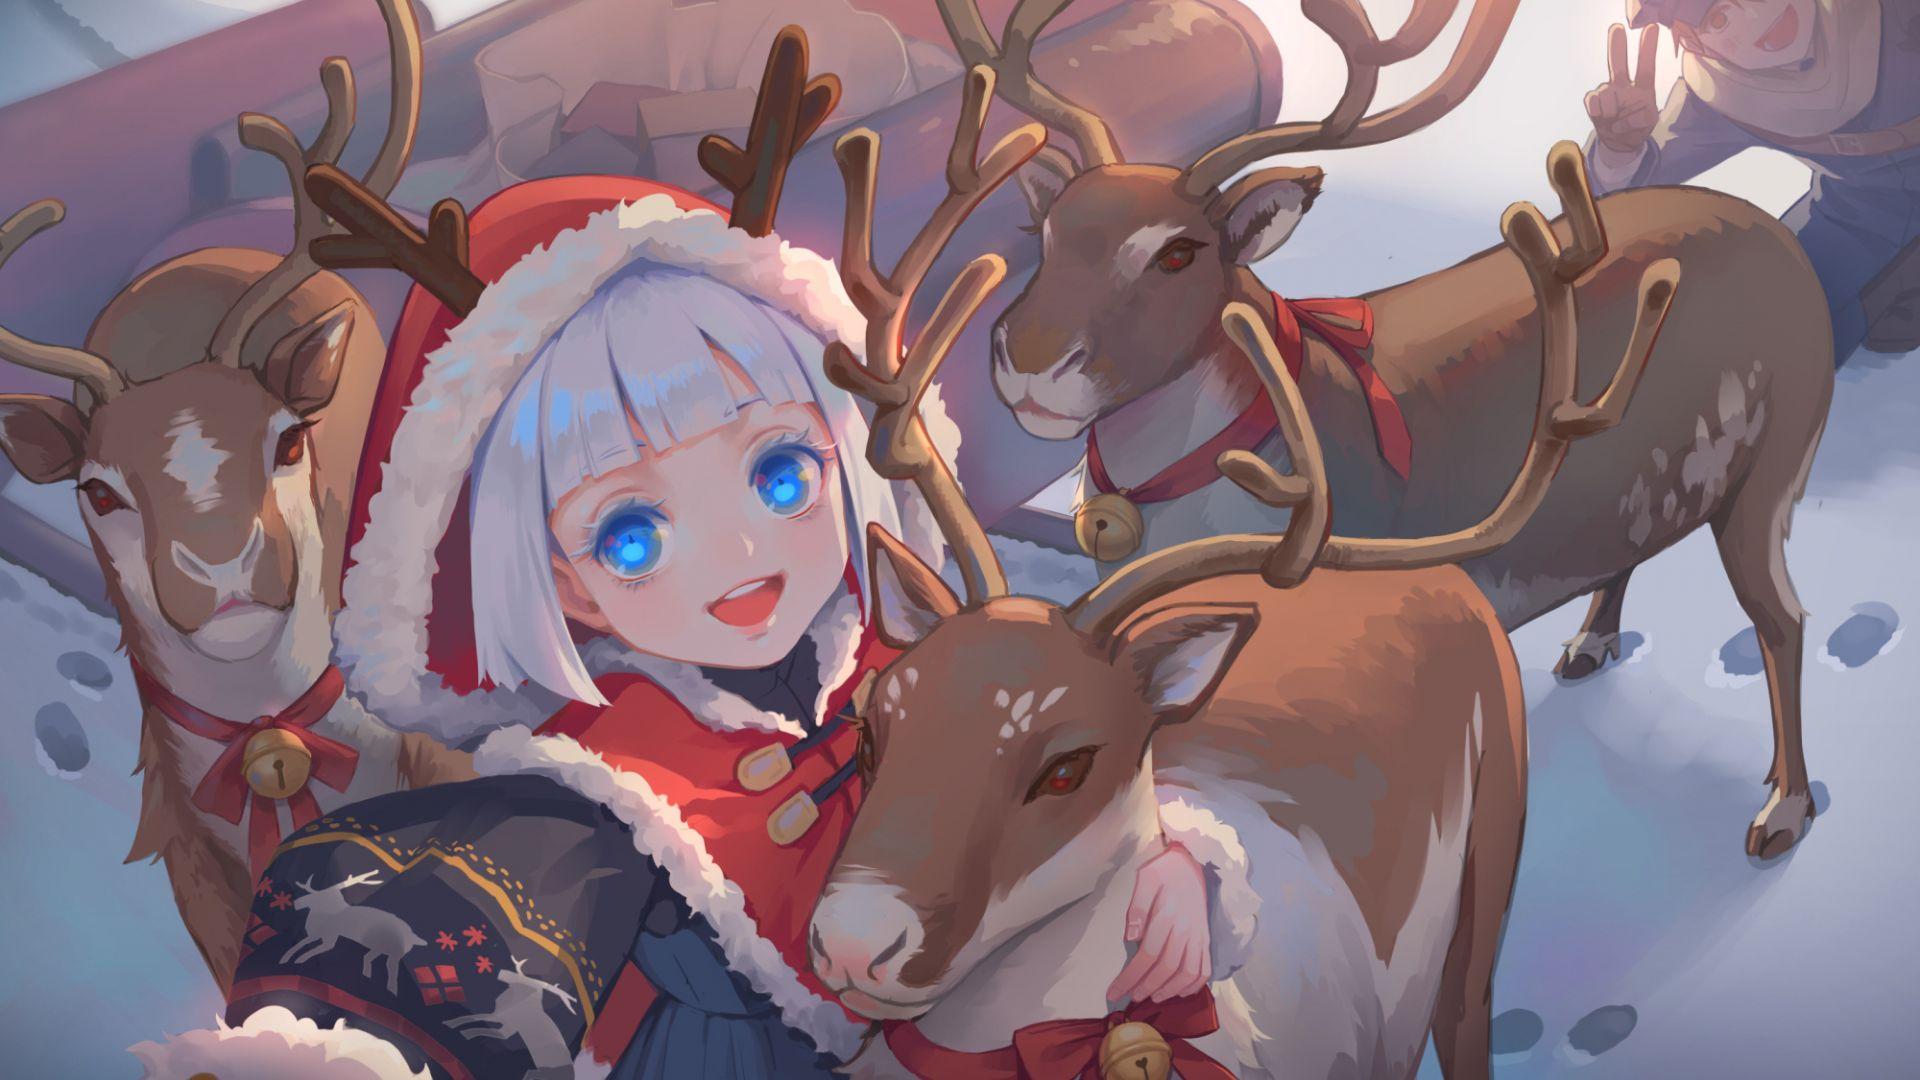 Wallpaper Santa, anime girl, reindeer, christmas, holiday